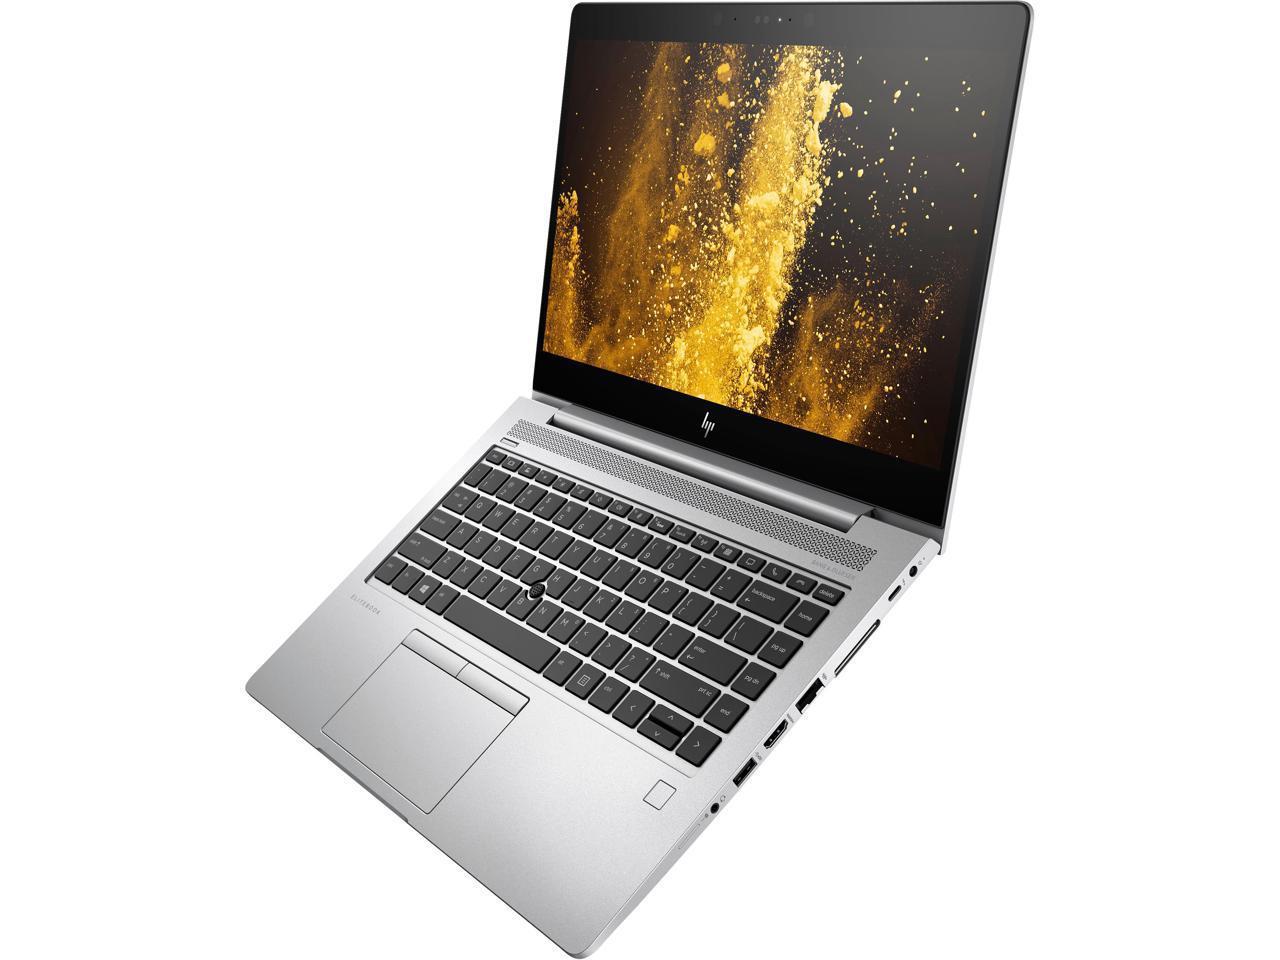 New Laptop HP EliteBook 840 G6 32GB Intel Core I7 SSD 512GB